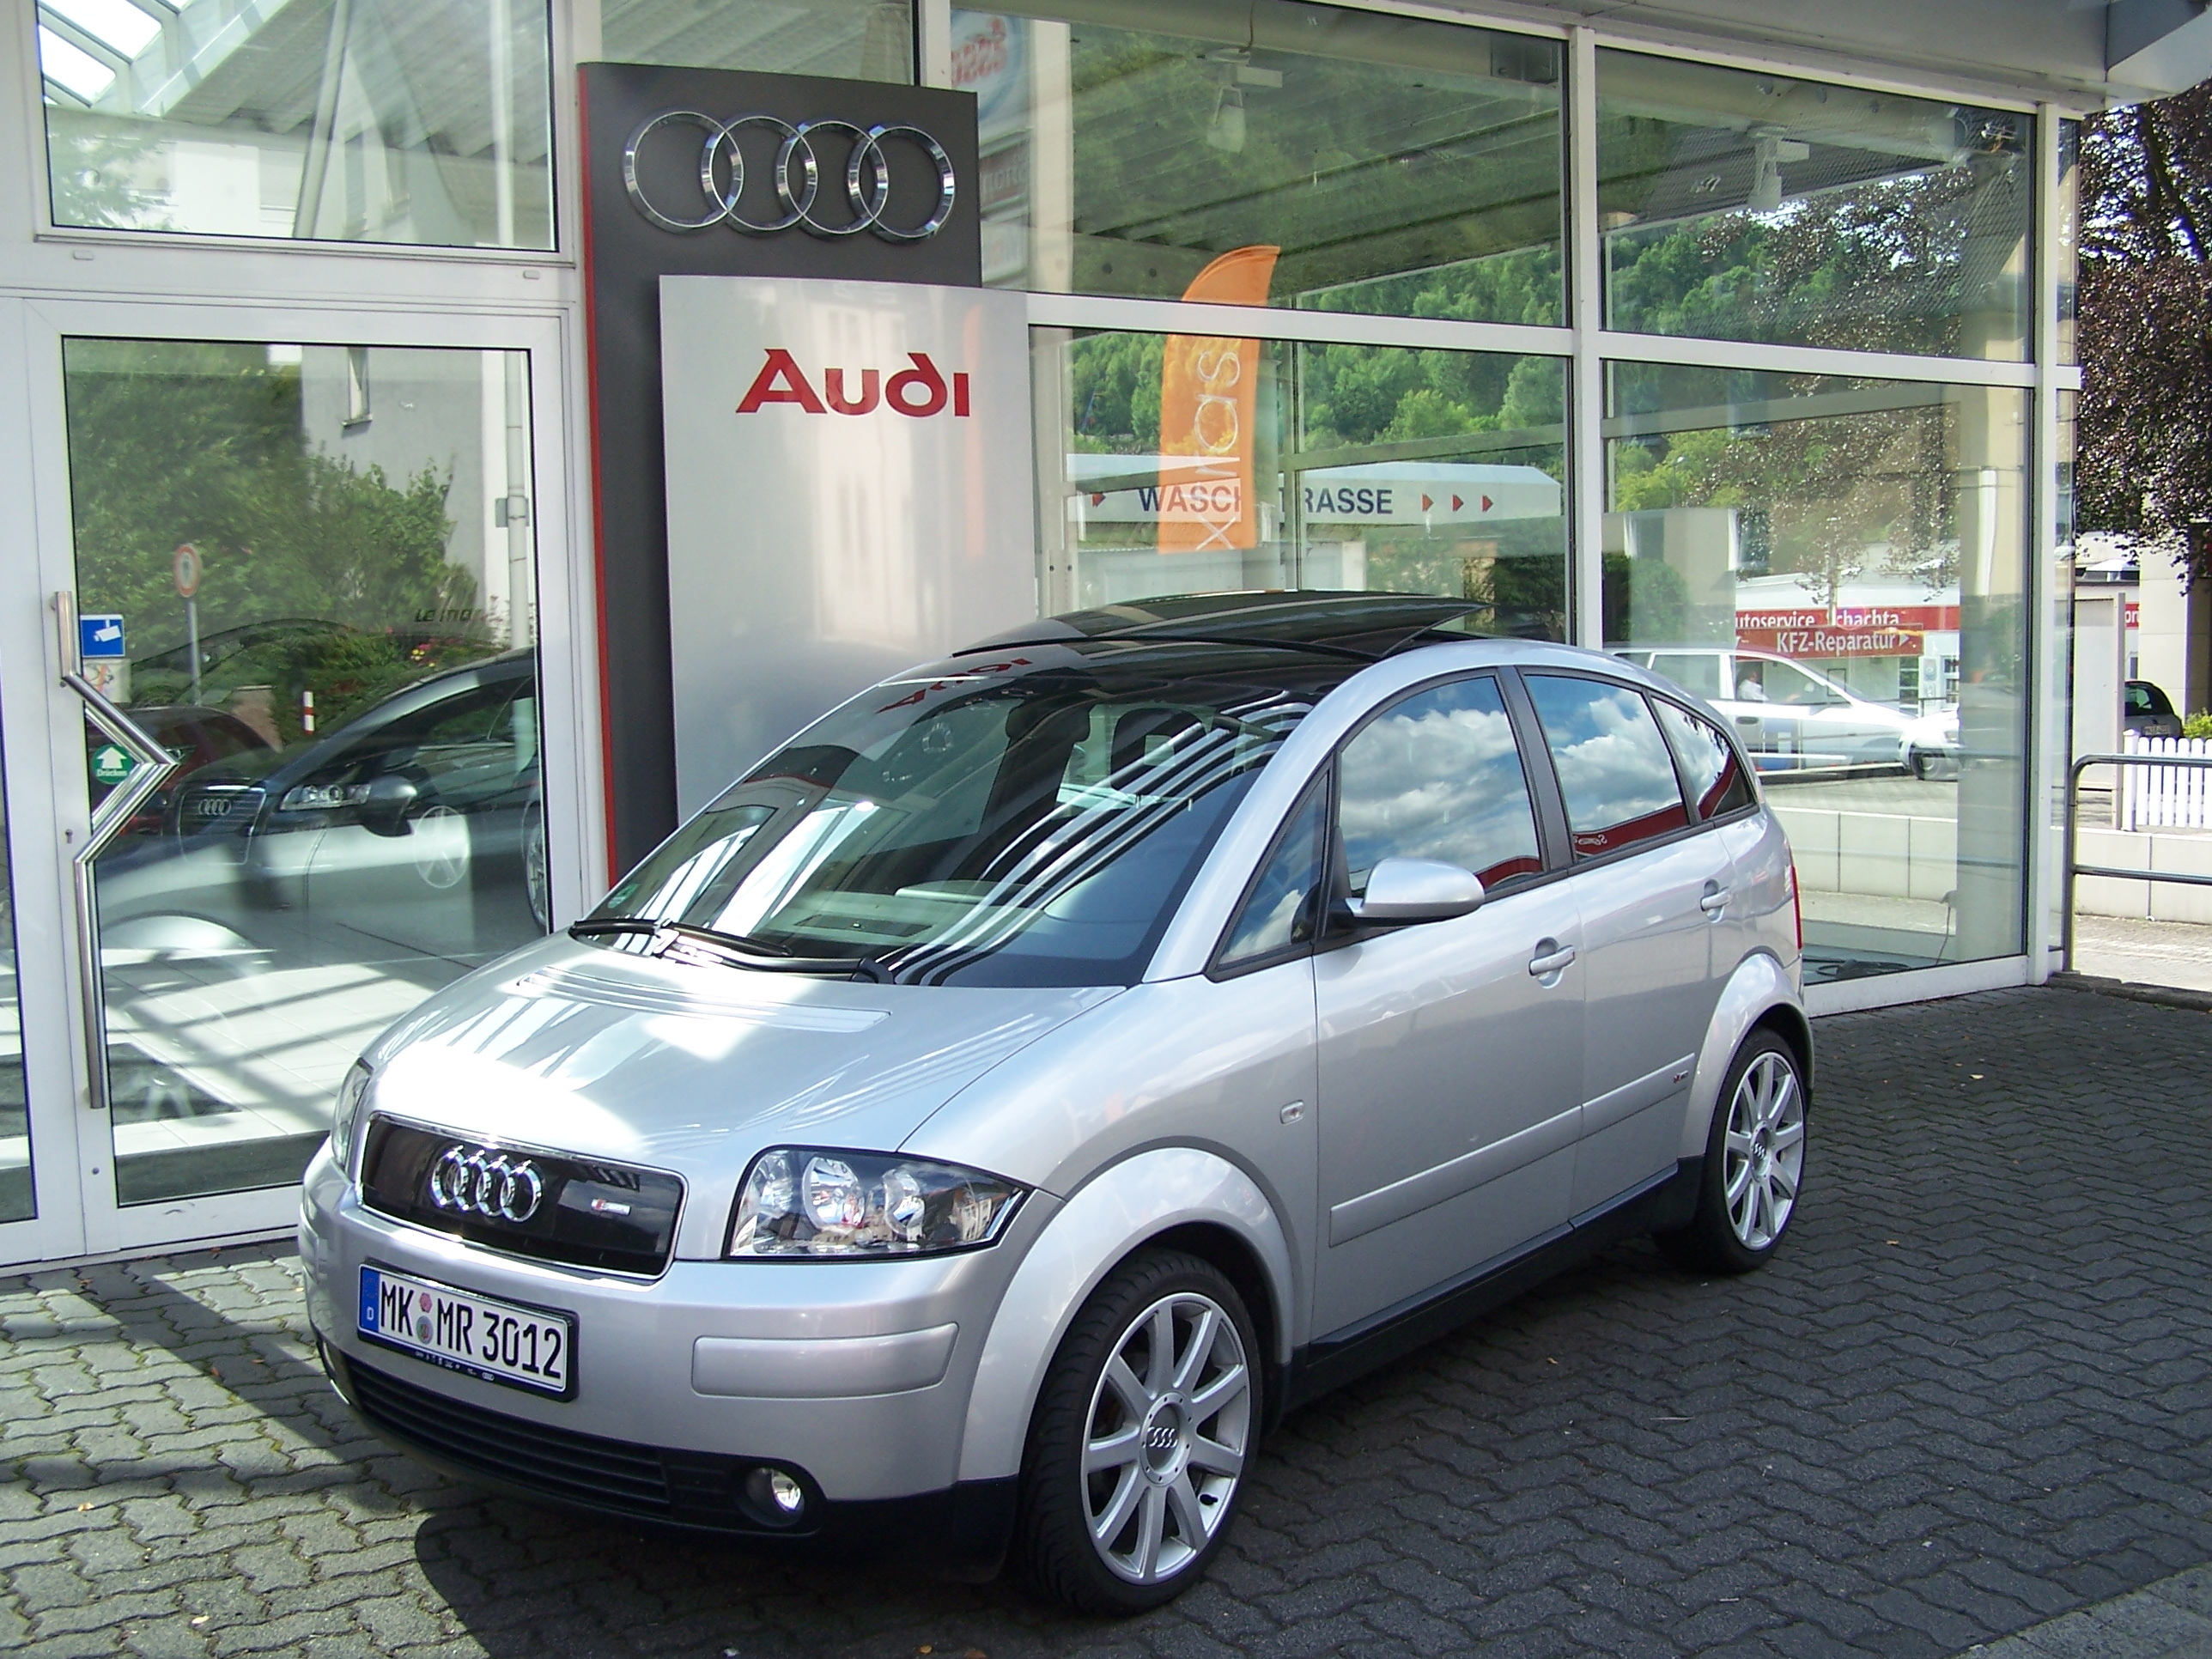 Audi A2 Kalender 2015